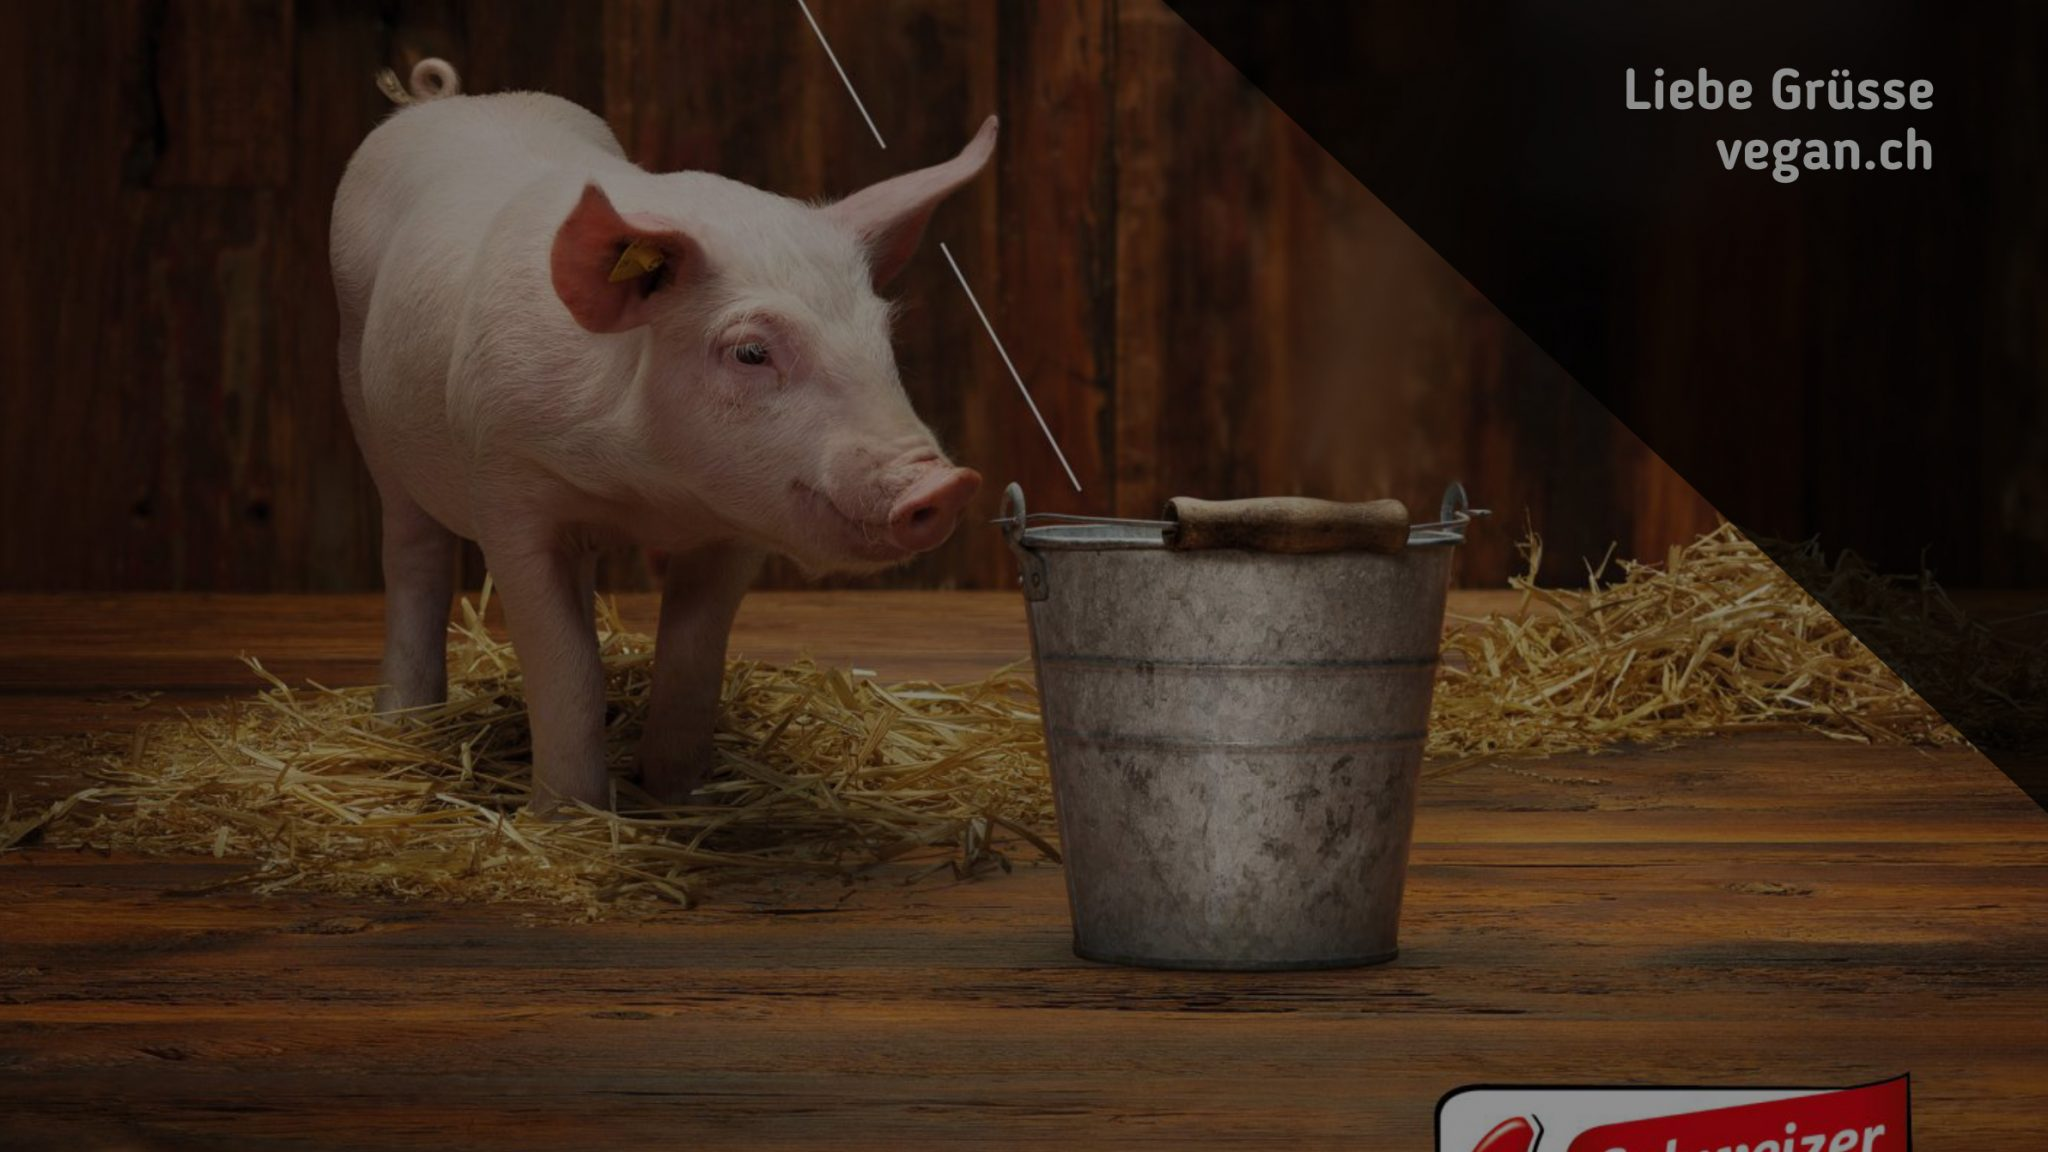 Schweizer Fleisch: Ein bisschen ethisch